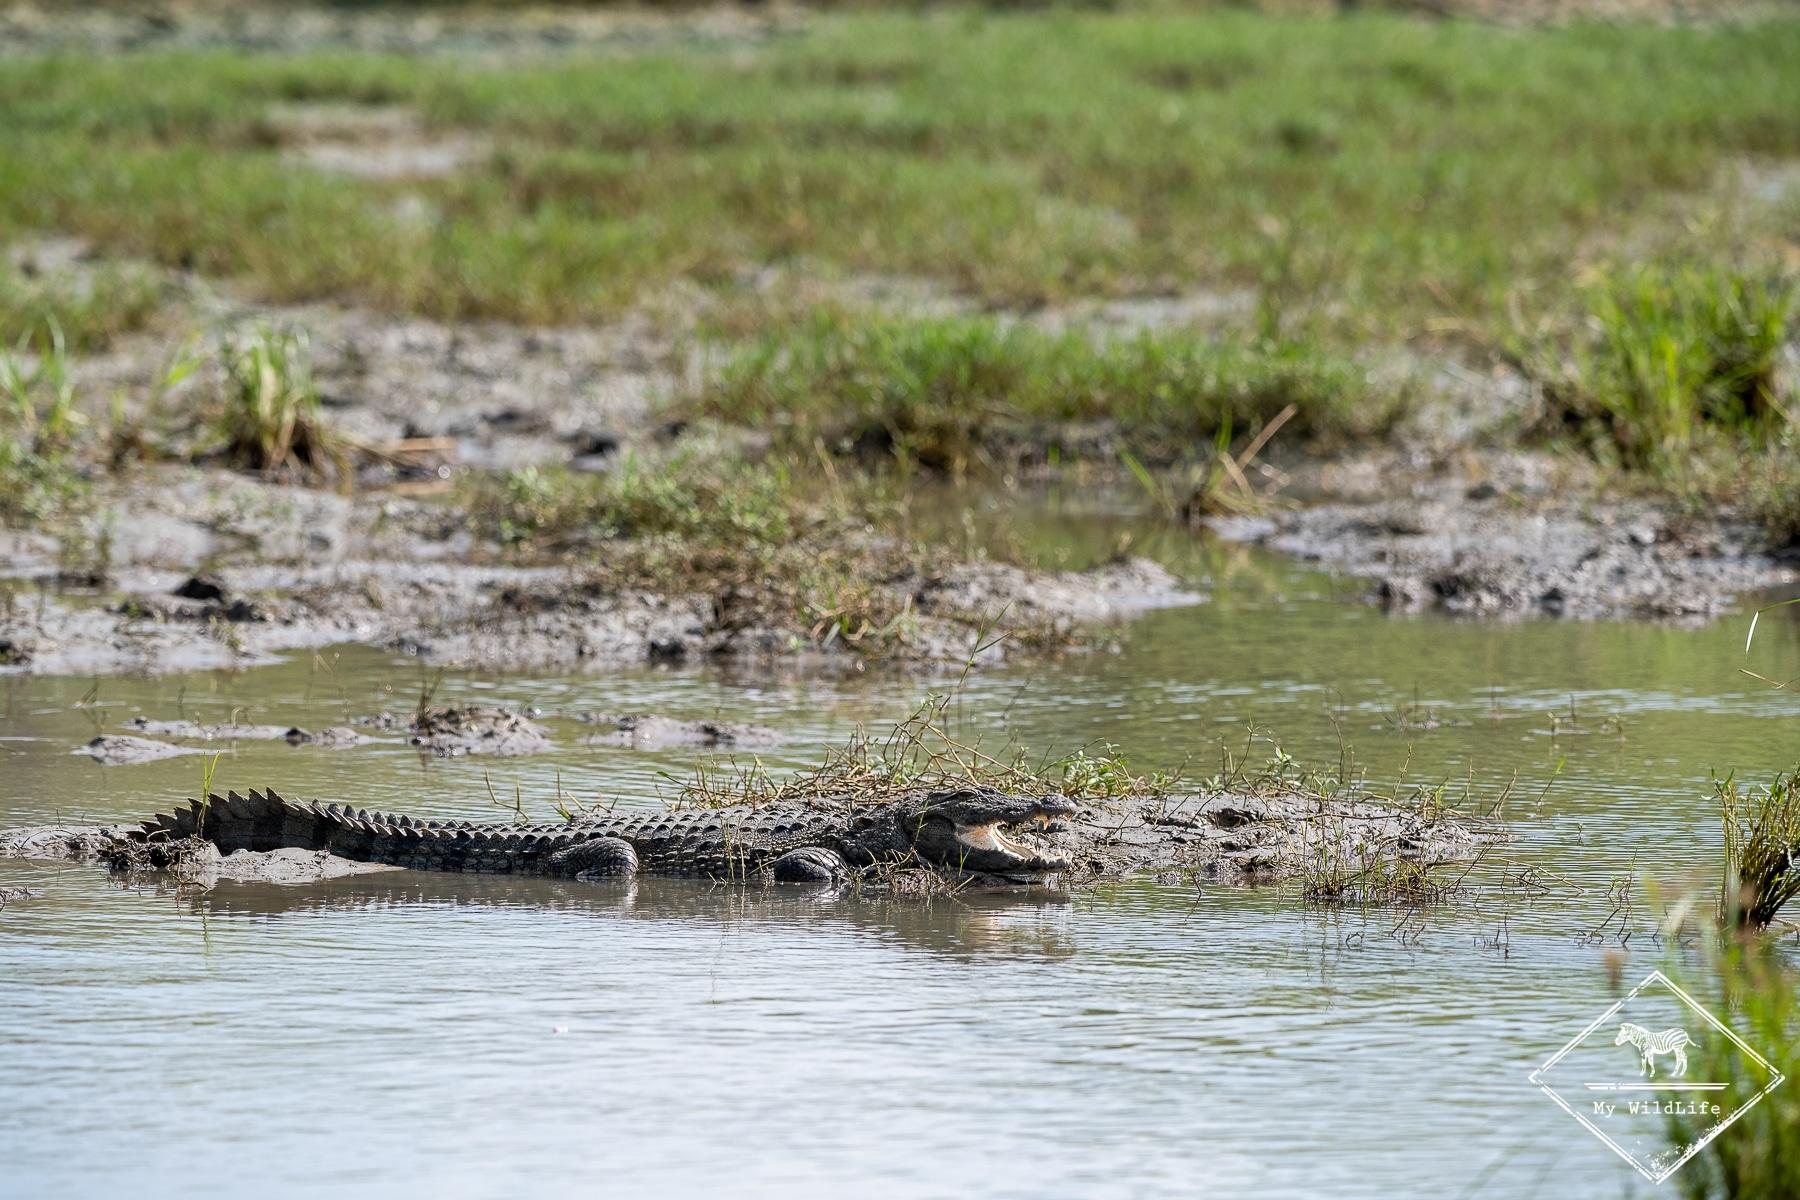 Quels animaux voir au Sri Lanka ? Le crocodile